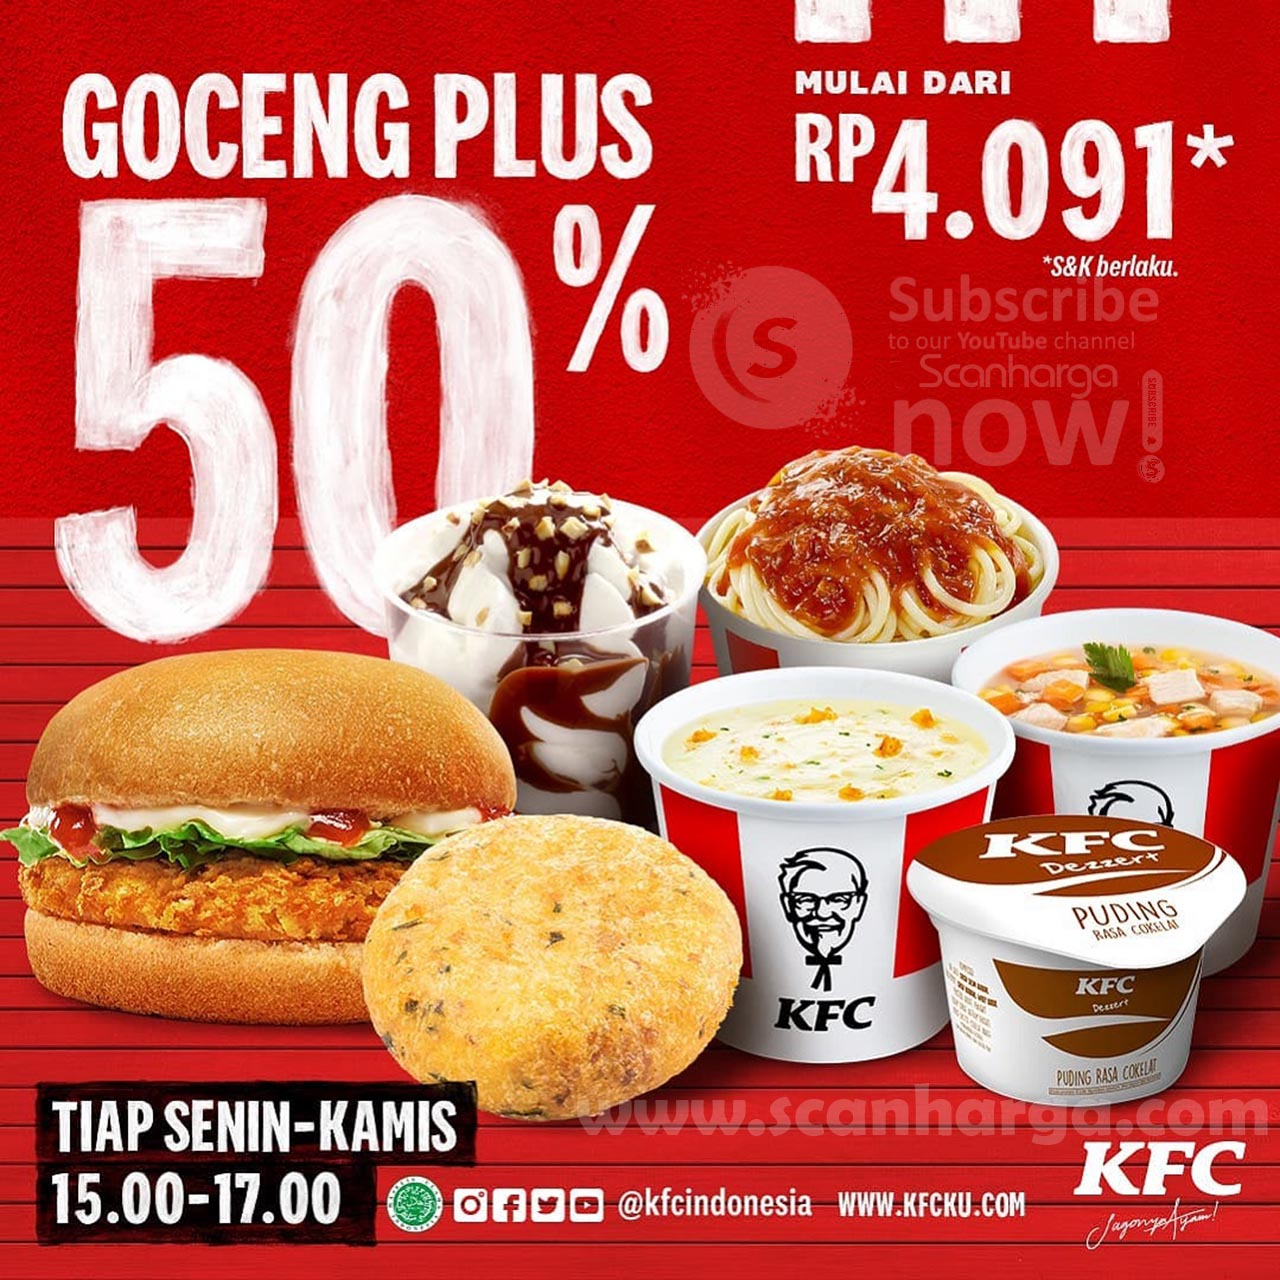 Promo KFC Terbaru KFC GOCENG PLUS DISKON 50%